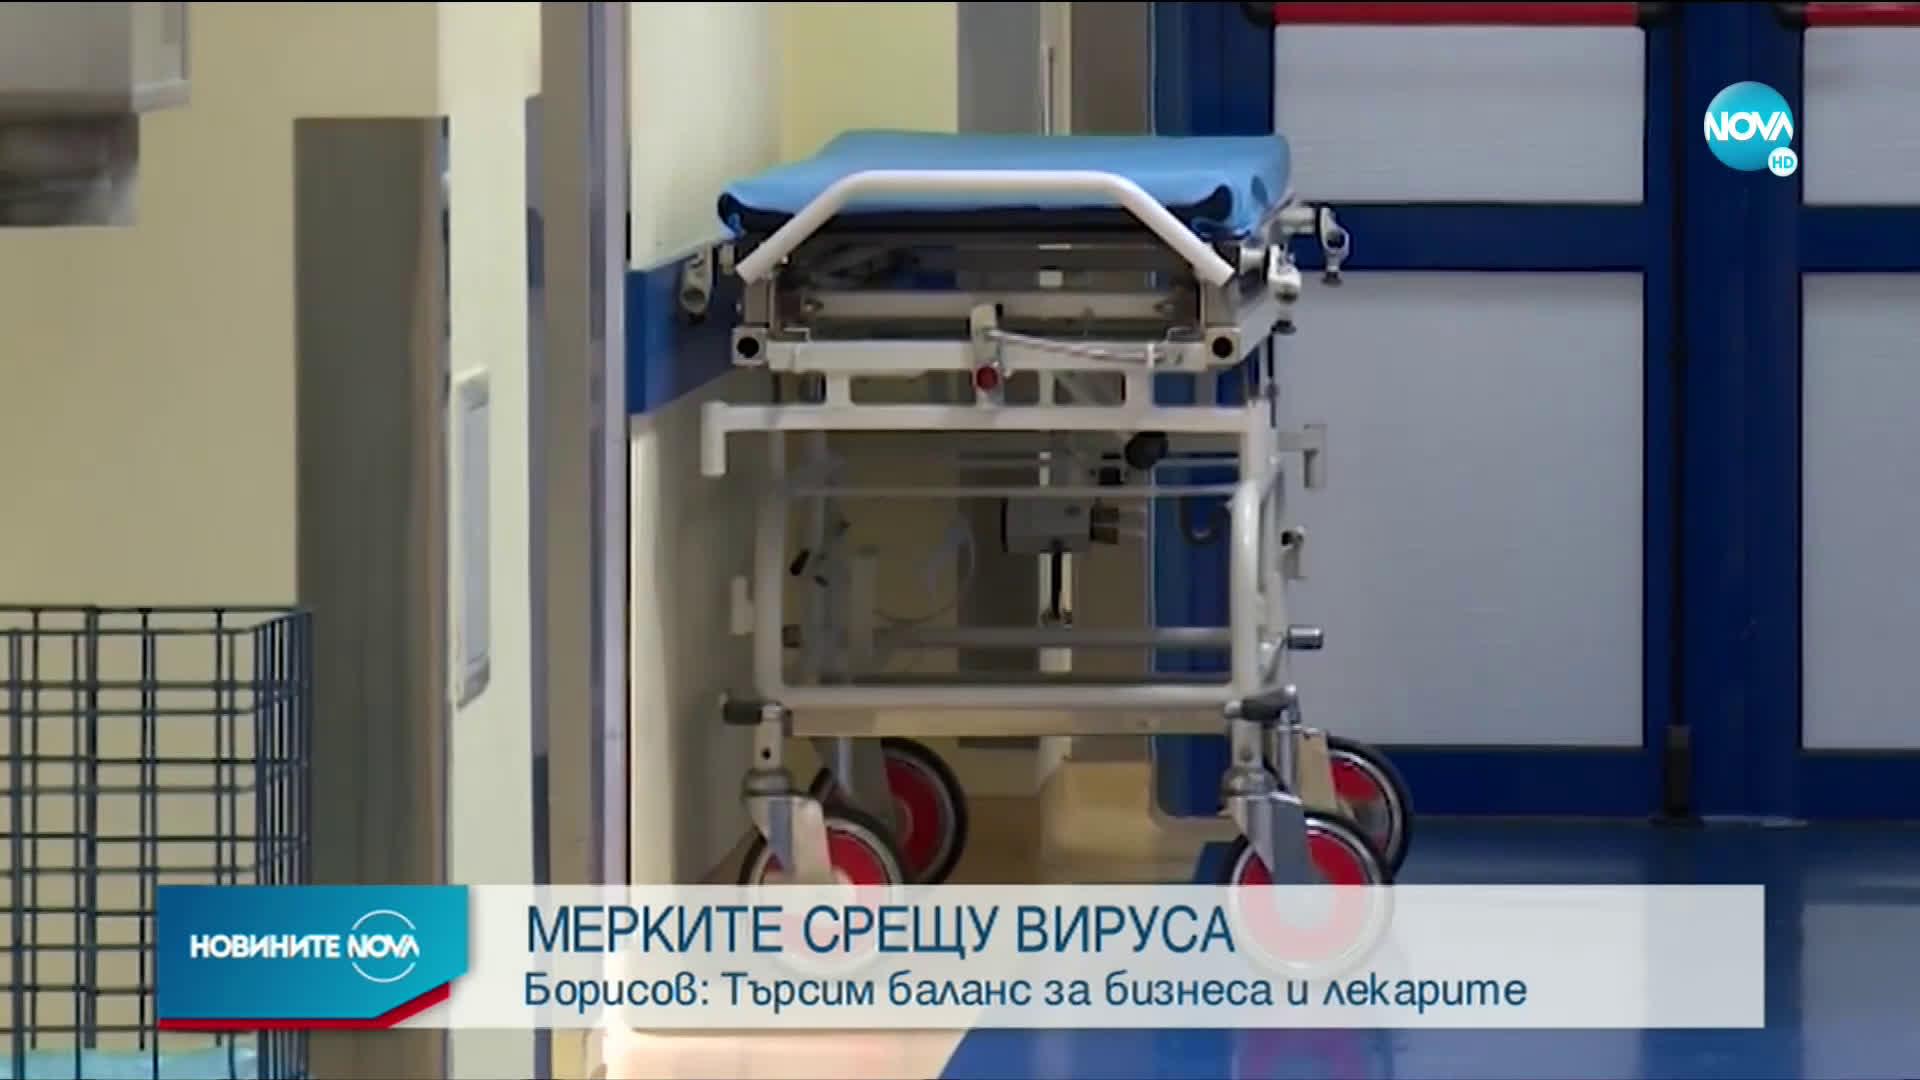 Борисов: Влагаме огромни усилия в здравеопазването